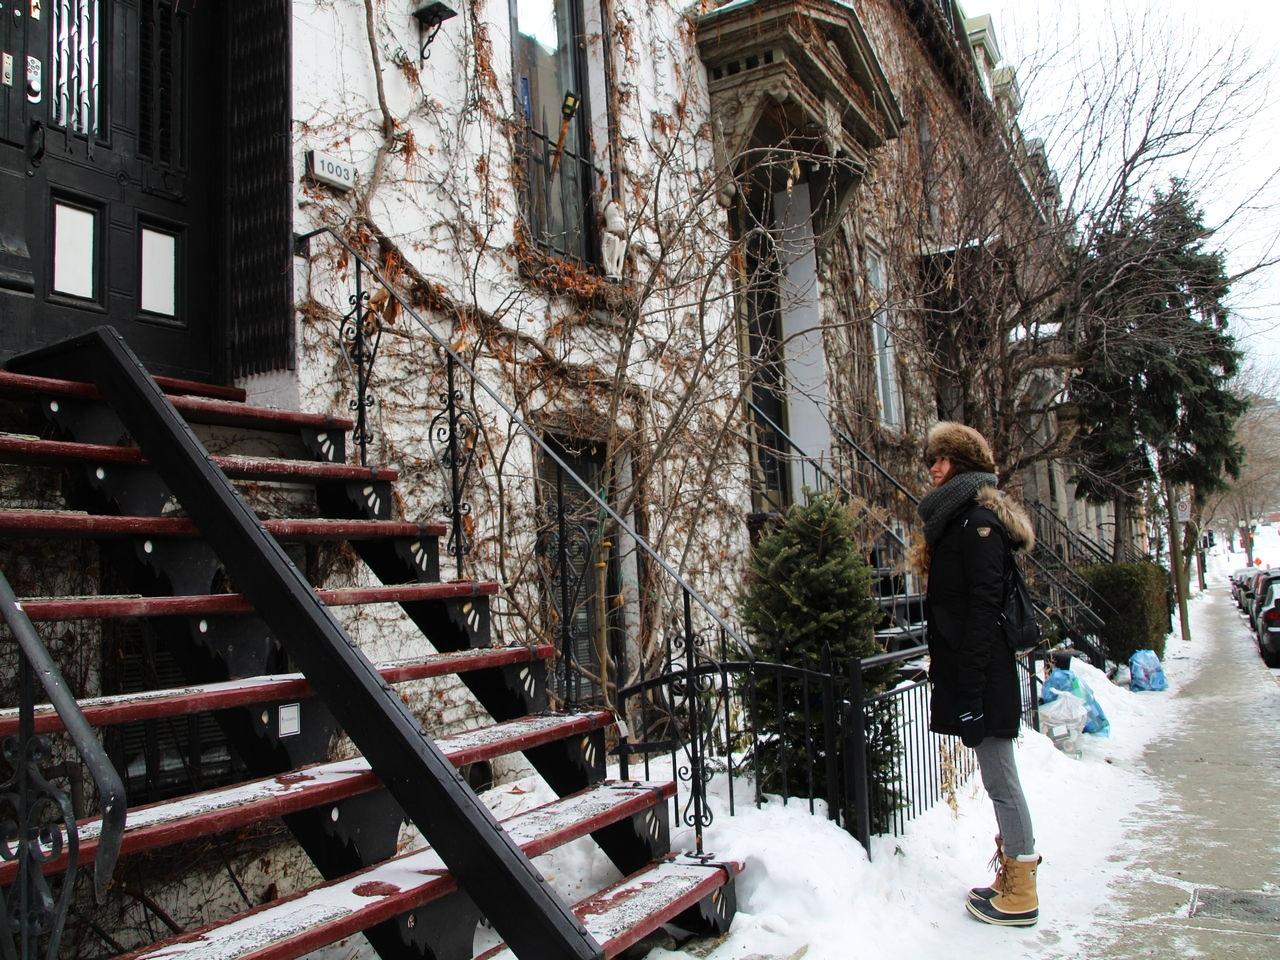 Es posible hacer turismo por Montreal en invierno con ropa de abrigo gran frío.